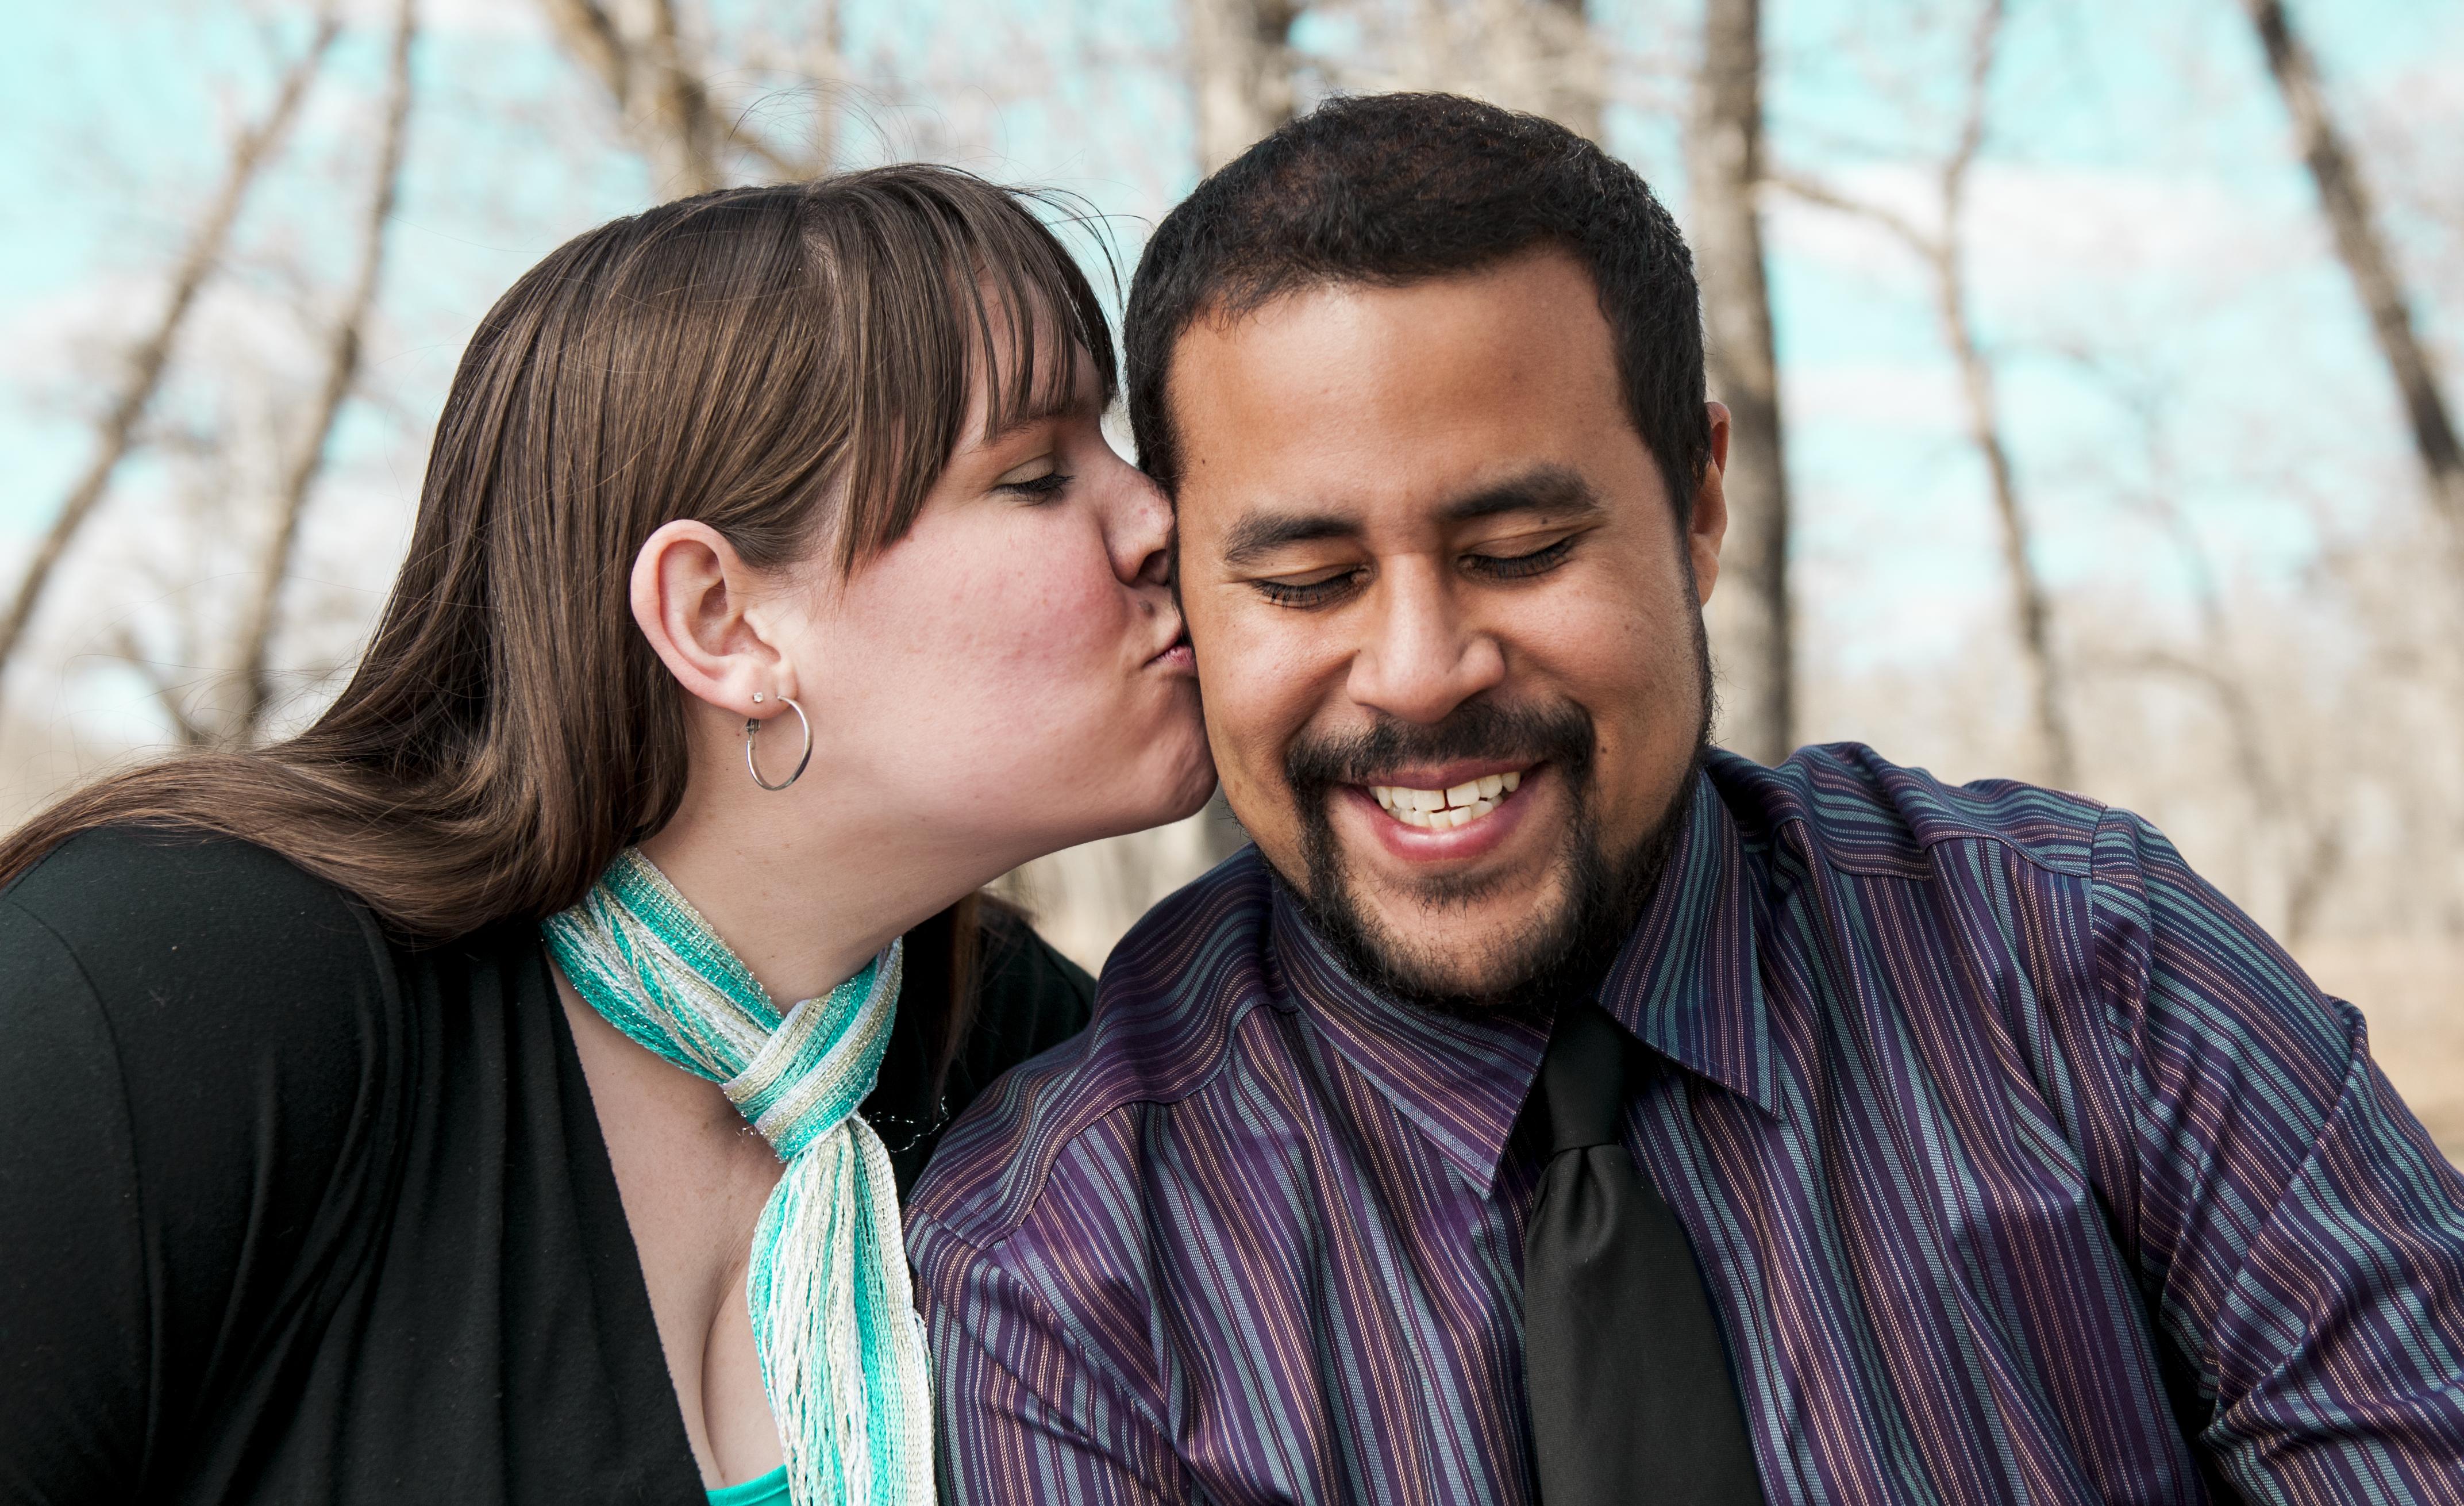 Jose and Kristina